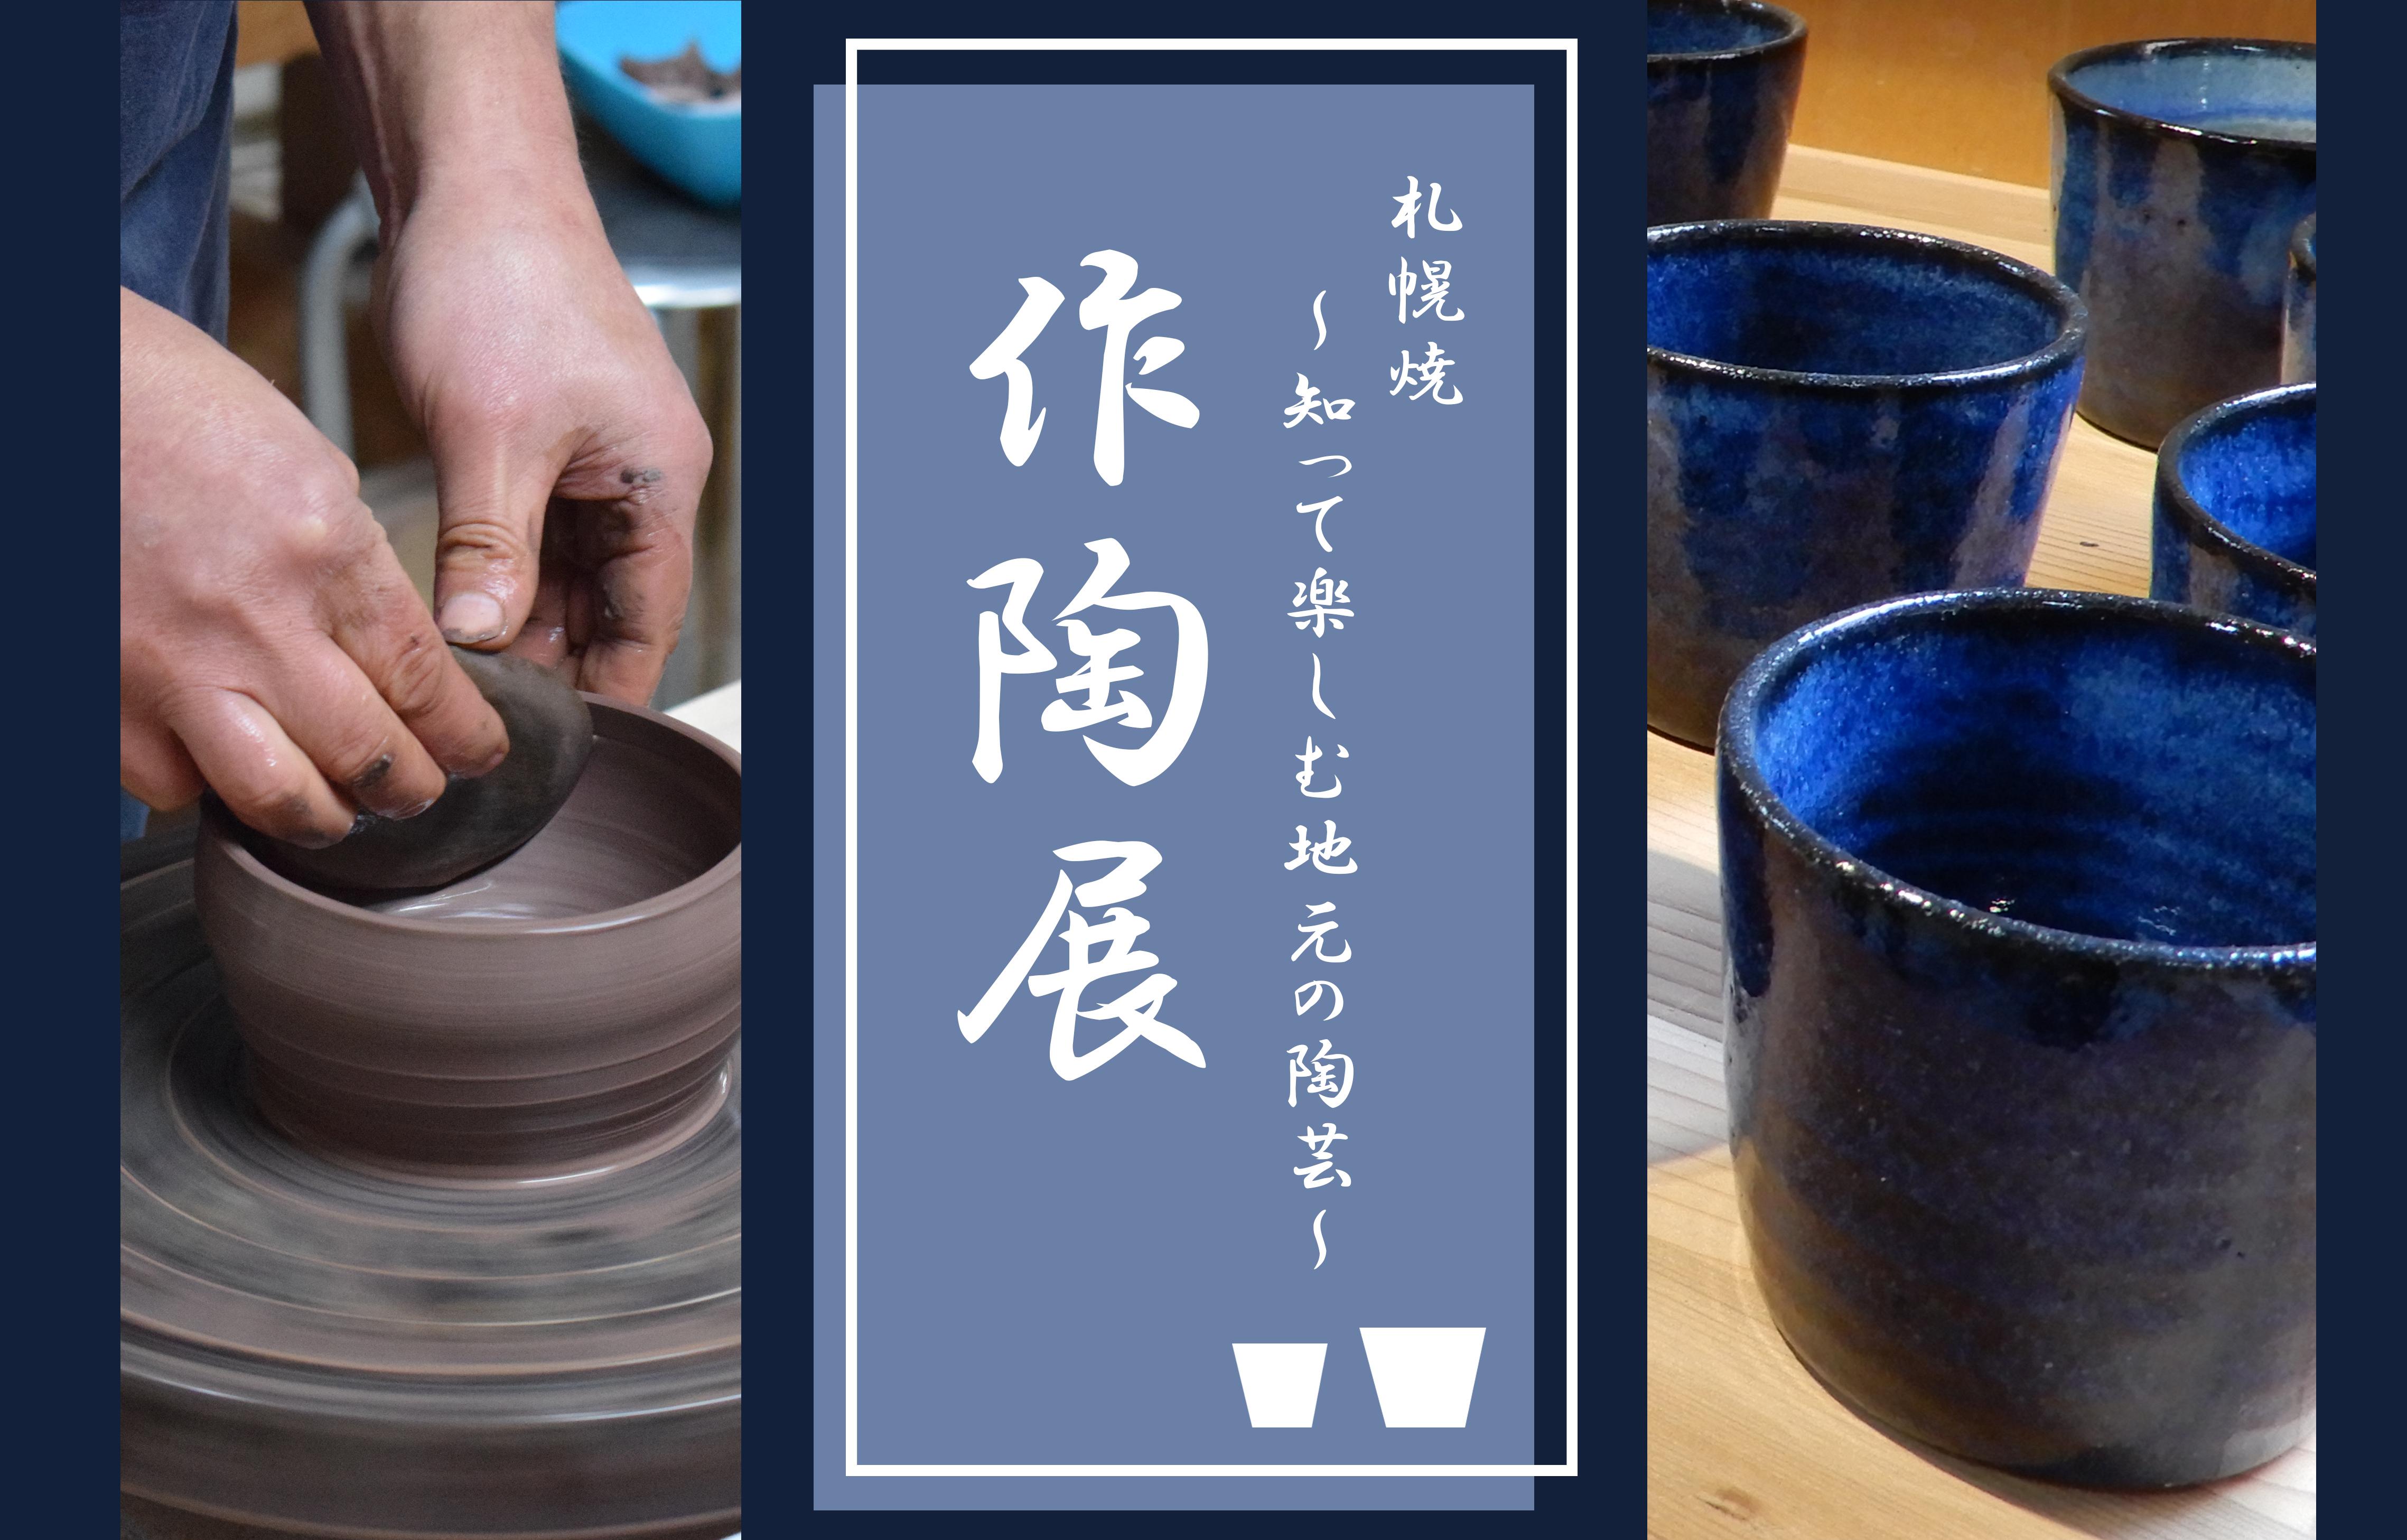 札幌焼~知って楽しむ地元の陶芸~ 【作陶展】